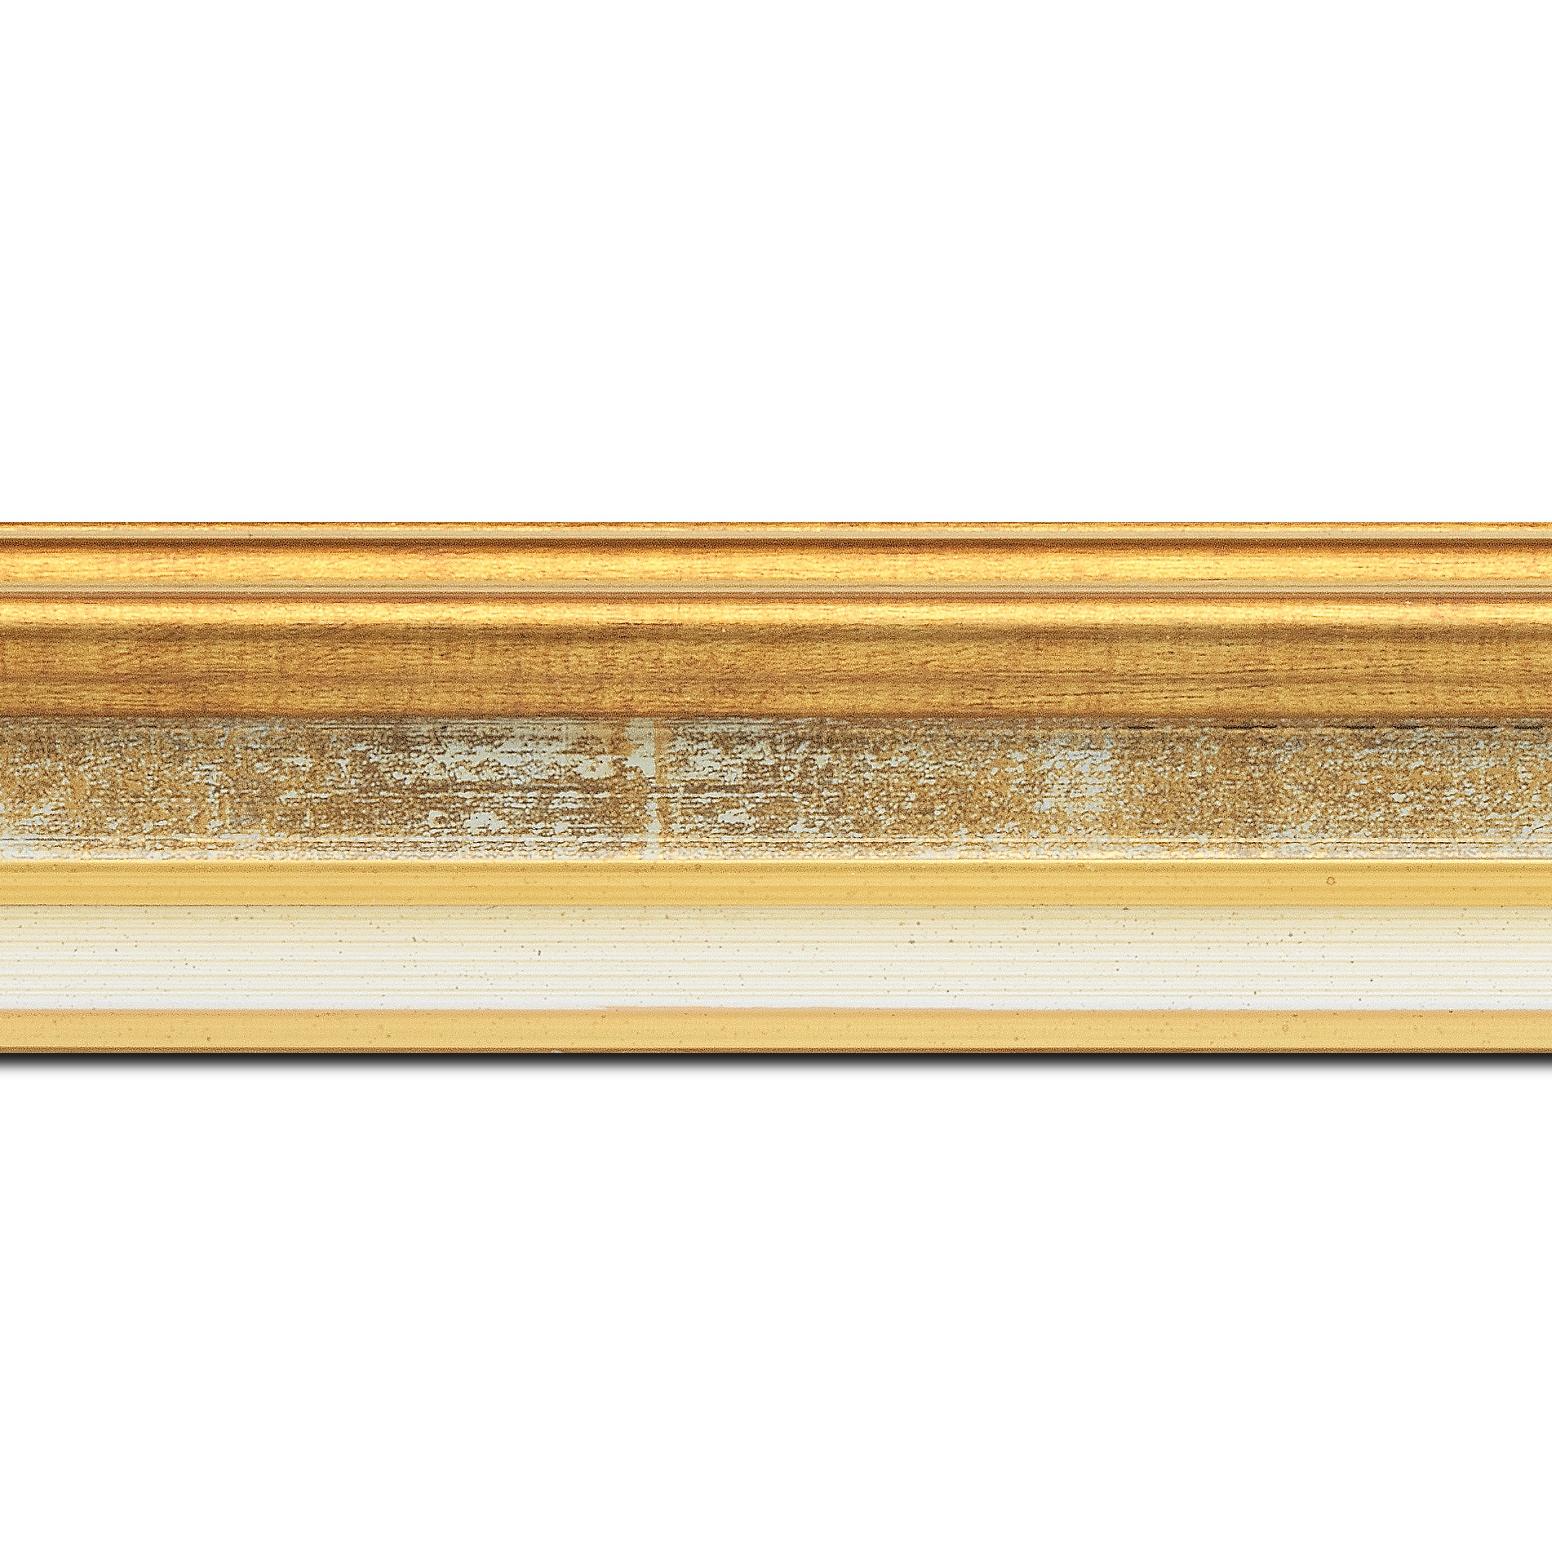 Pack par 12m, bois largeur 5.2cm or gorge gris fond or  marie louise crème filet or intégrée(longueur baguette pouvant varier entre 2.40m et 3m selon arrivage des bois)